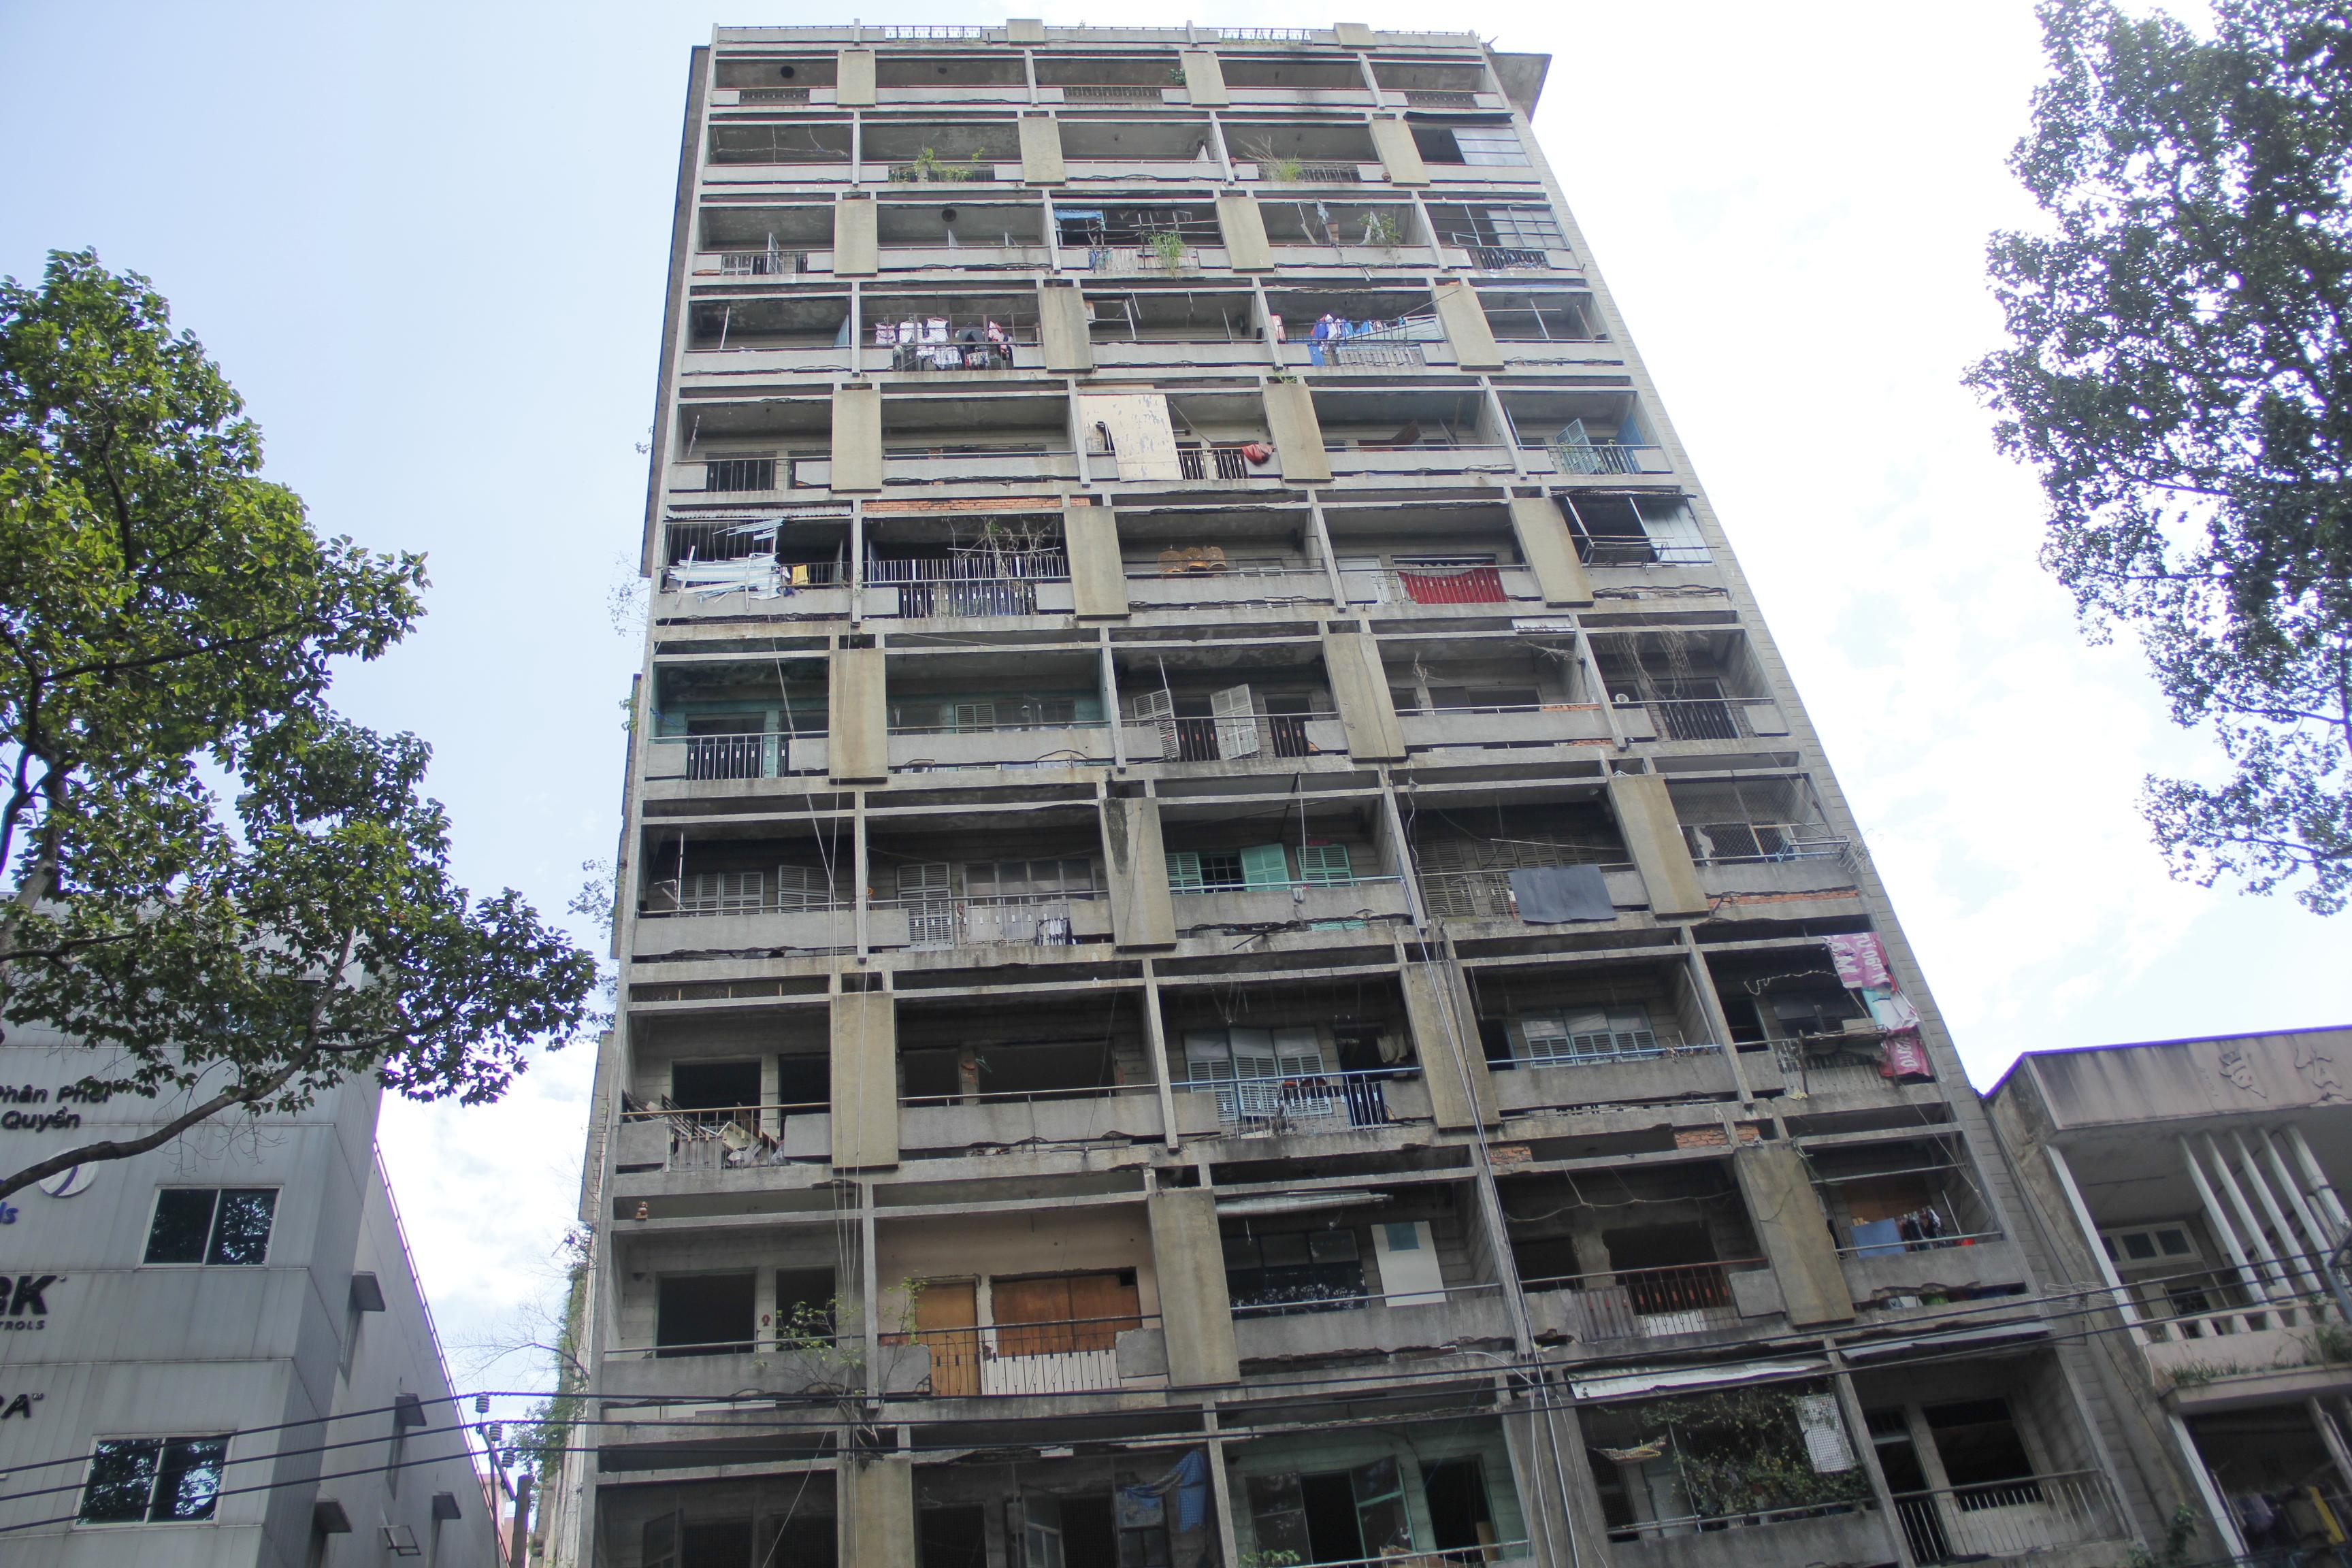 Nổi bật nhất phải kể đến chung cư 727 Trần Hưng Đạo (quận 5). Chung cư được xây dựng từ năm 1966 với quy mô gần 600 căn hộ. Năm 2008, quận 5 tiến hành giải tỏa vì chung cư đã quá xuống cấp nhưng đã 6 năm trôi qua, công tác giải tỏa di dời vẫn chưa dứt điểm. Hiện tại vẫn còn hàng chục hộ dân đang sinh sống nơi đây